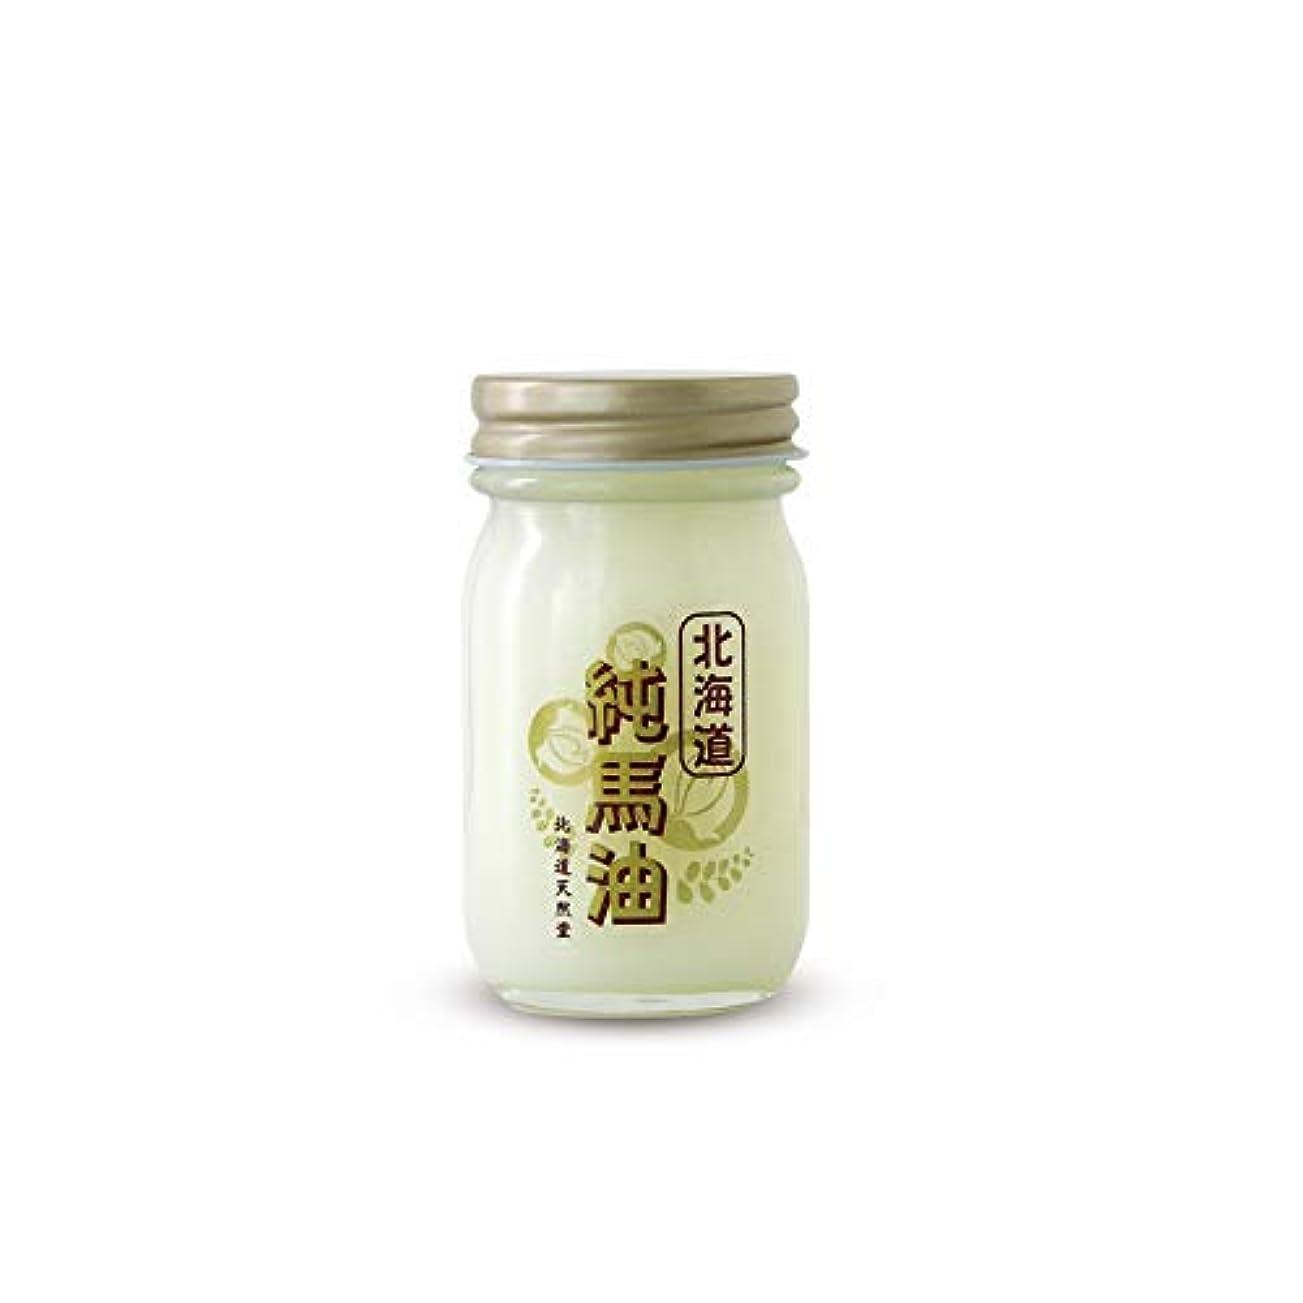 純馬油 70ml 【国内限定】/ 北海道天然堂